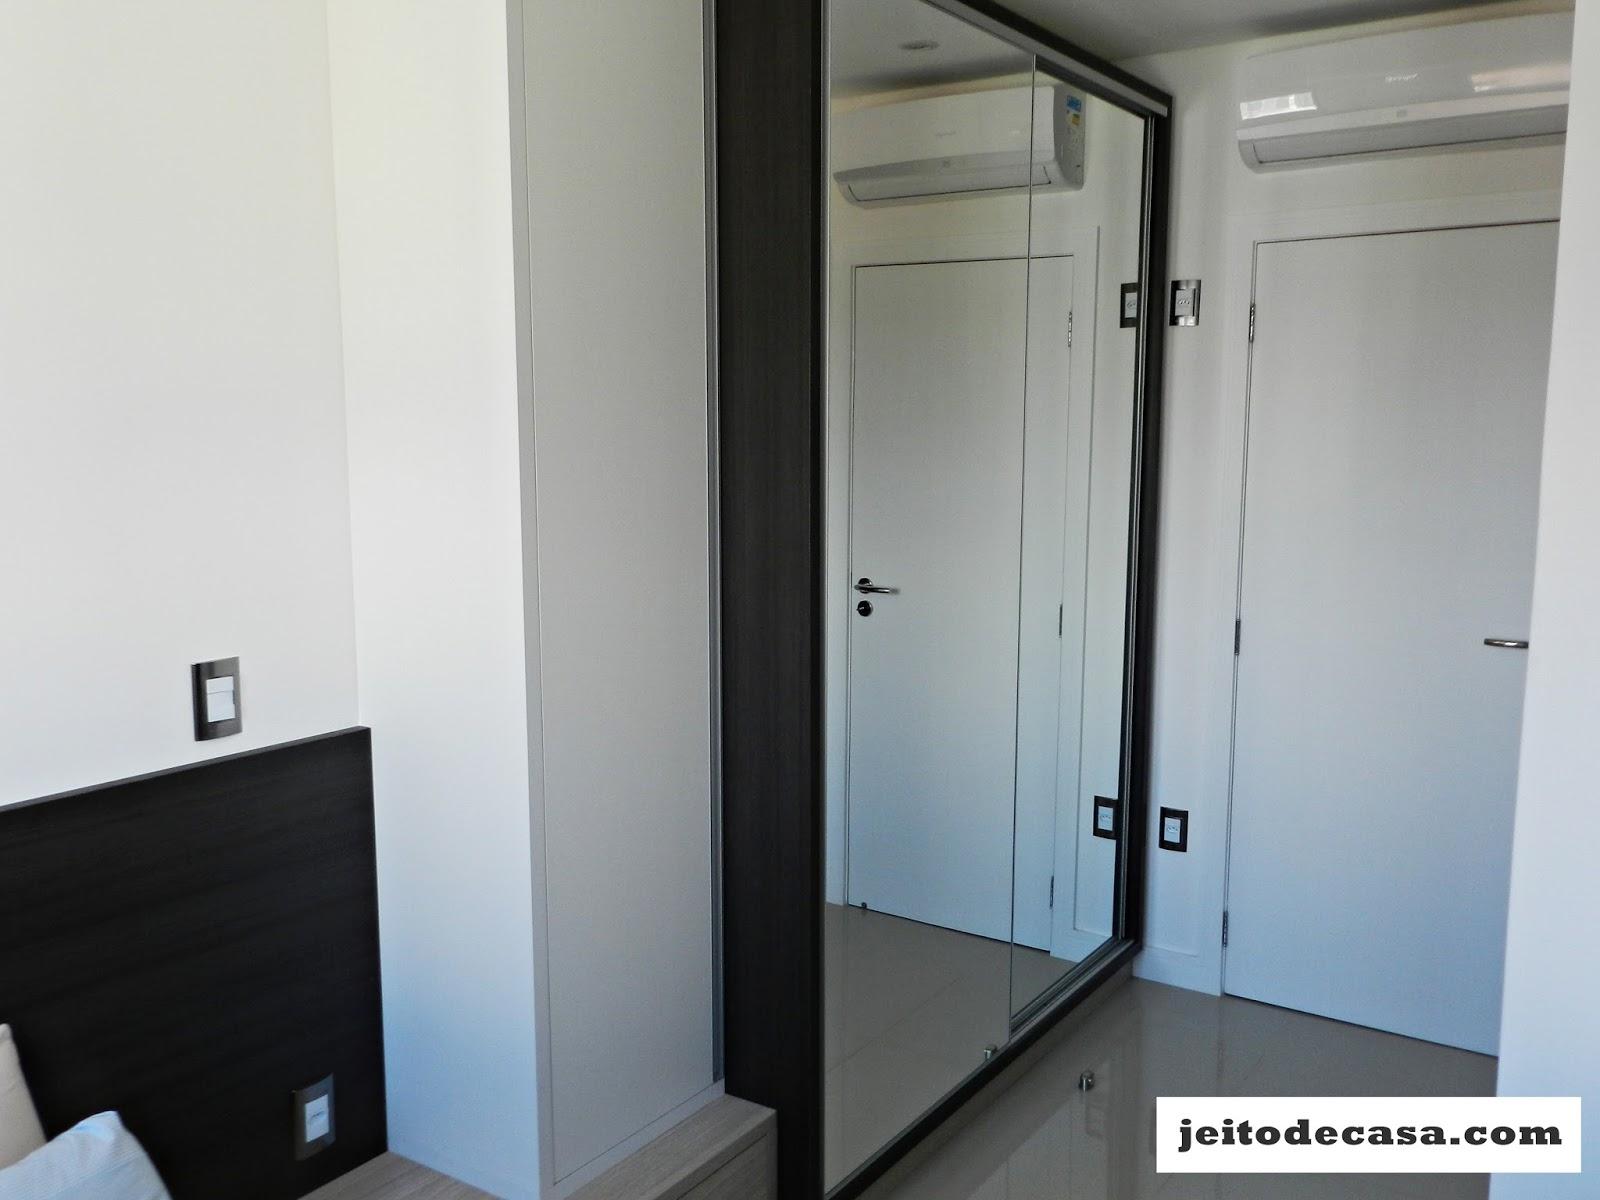 Armário com duas portas de correr espelhadas e uma terceiraporta em  #4C677F 1600x1200 Armario Banheiro Usado